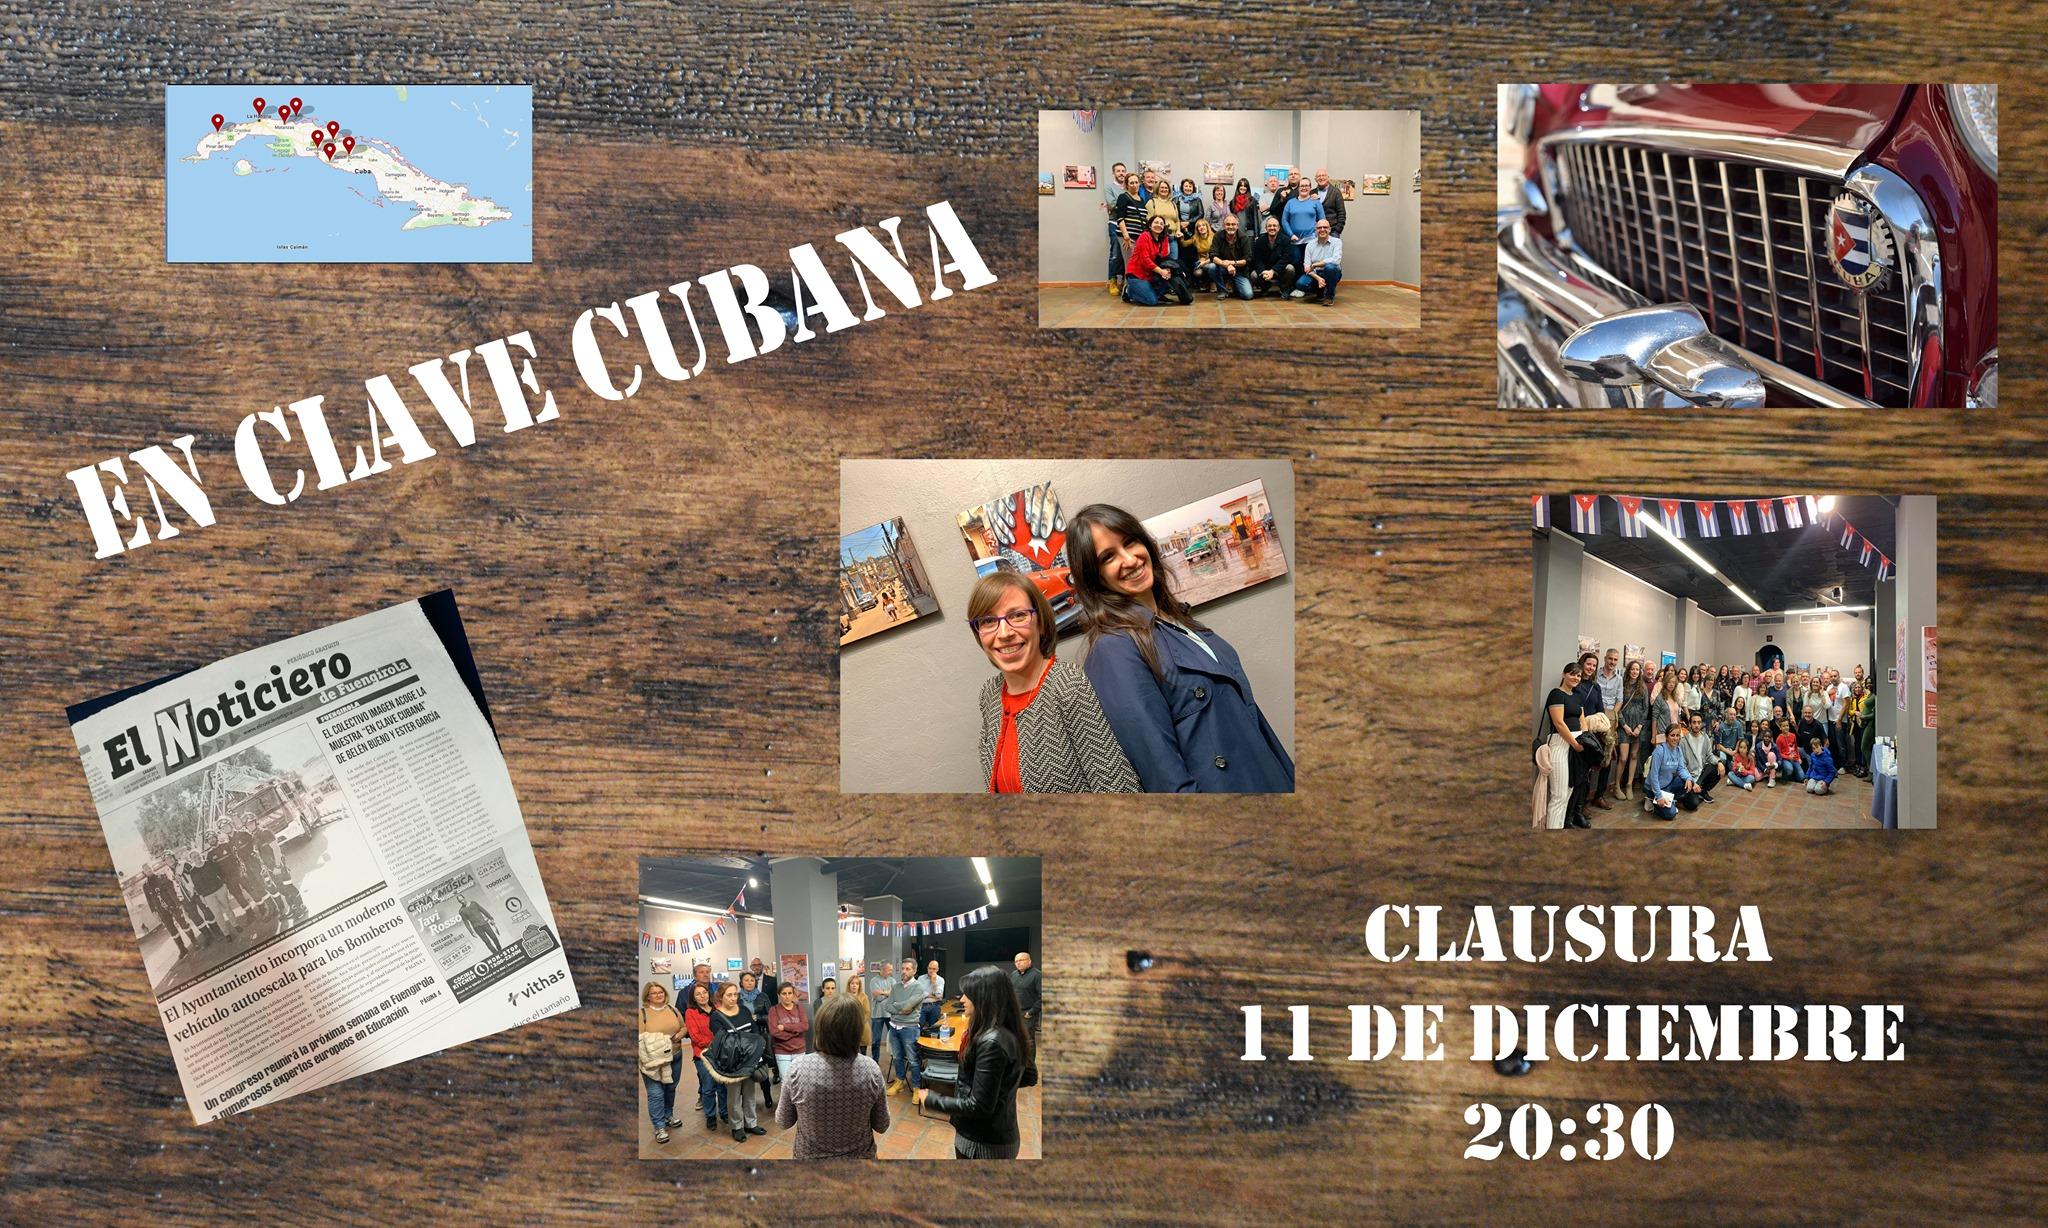 Clausura Exposición En Clave Cubana